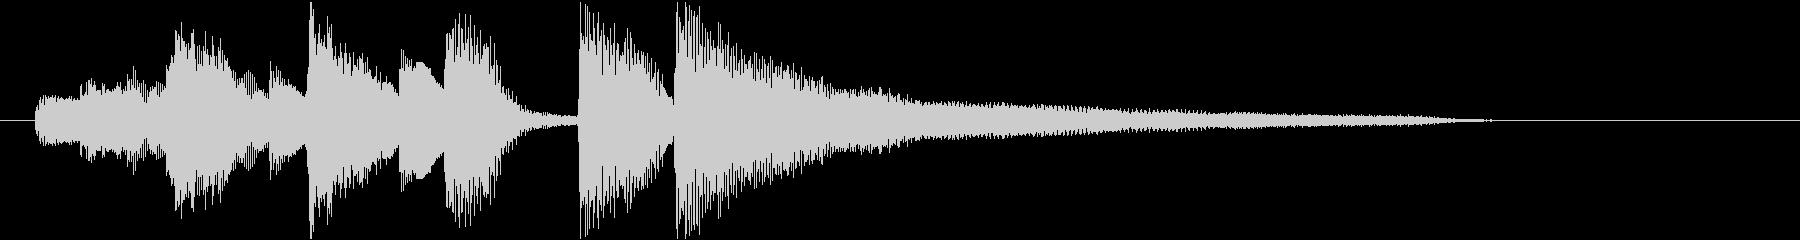 ピアノシングル ジャズの未再生の波形